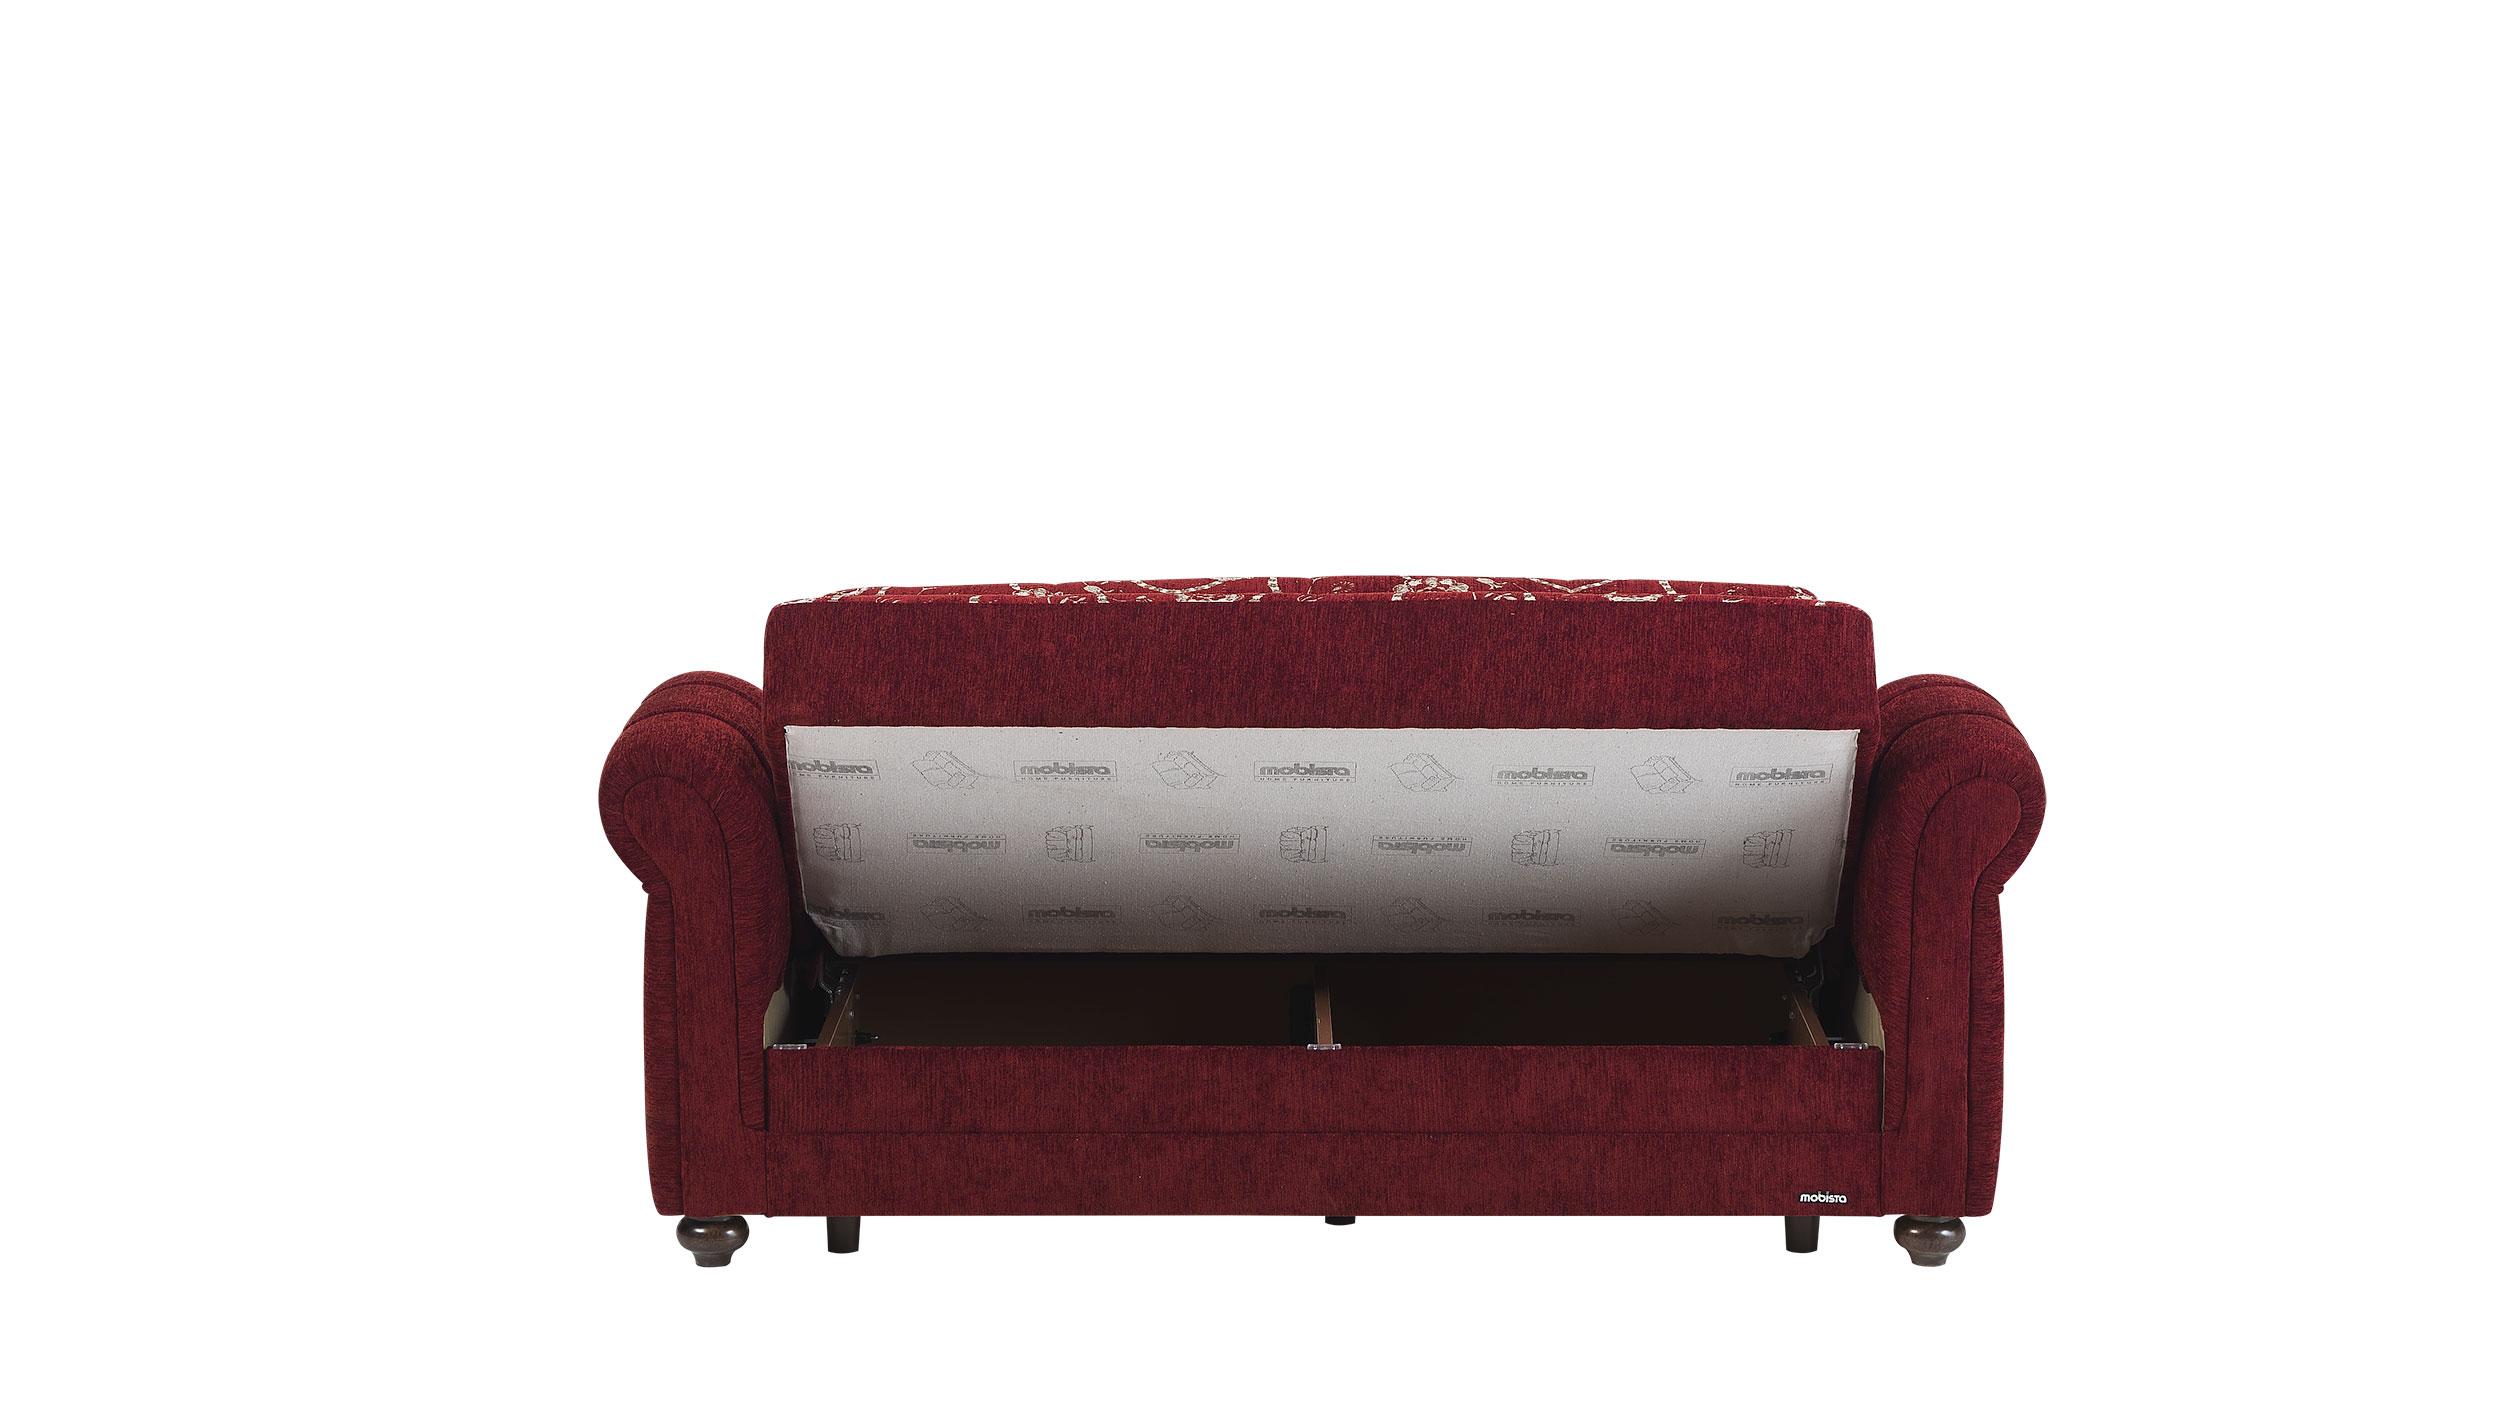 Regina Home Burgundy Loveseat Bed By Mobista